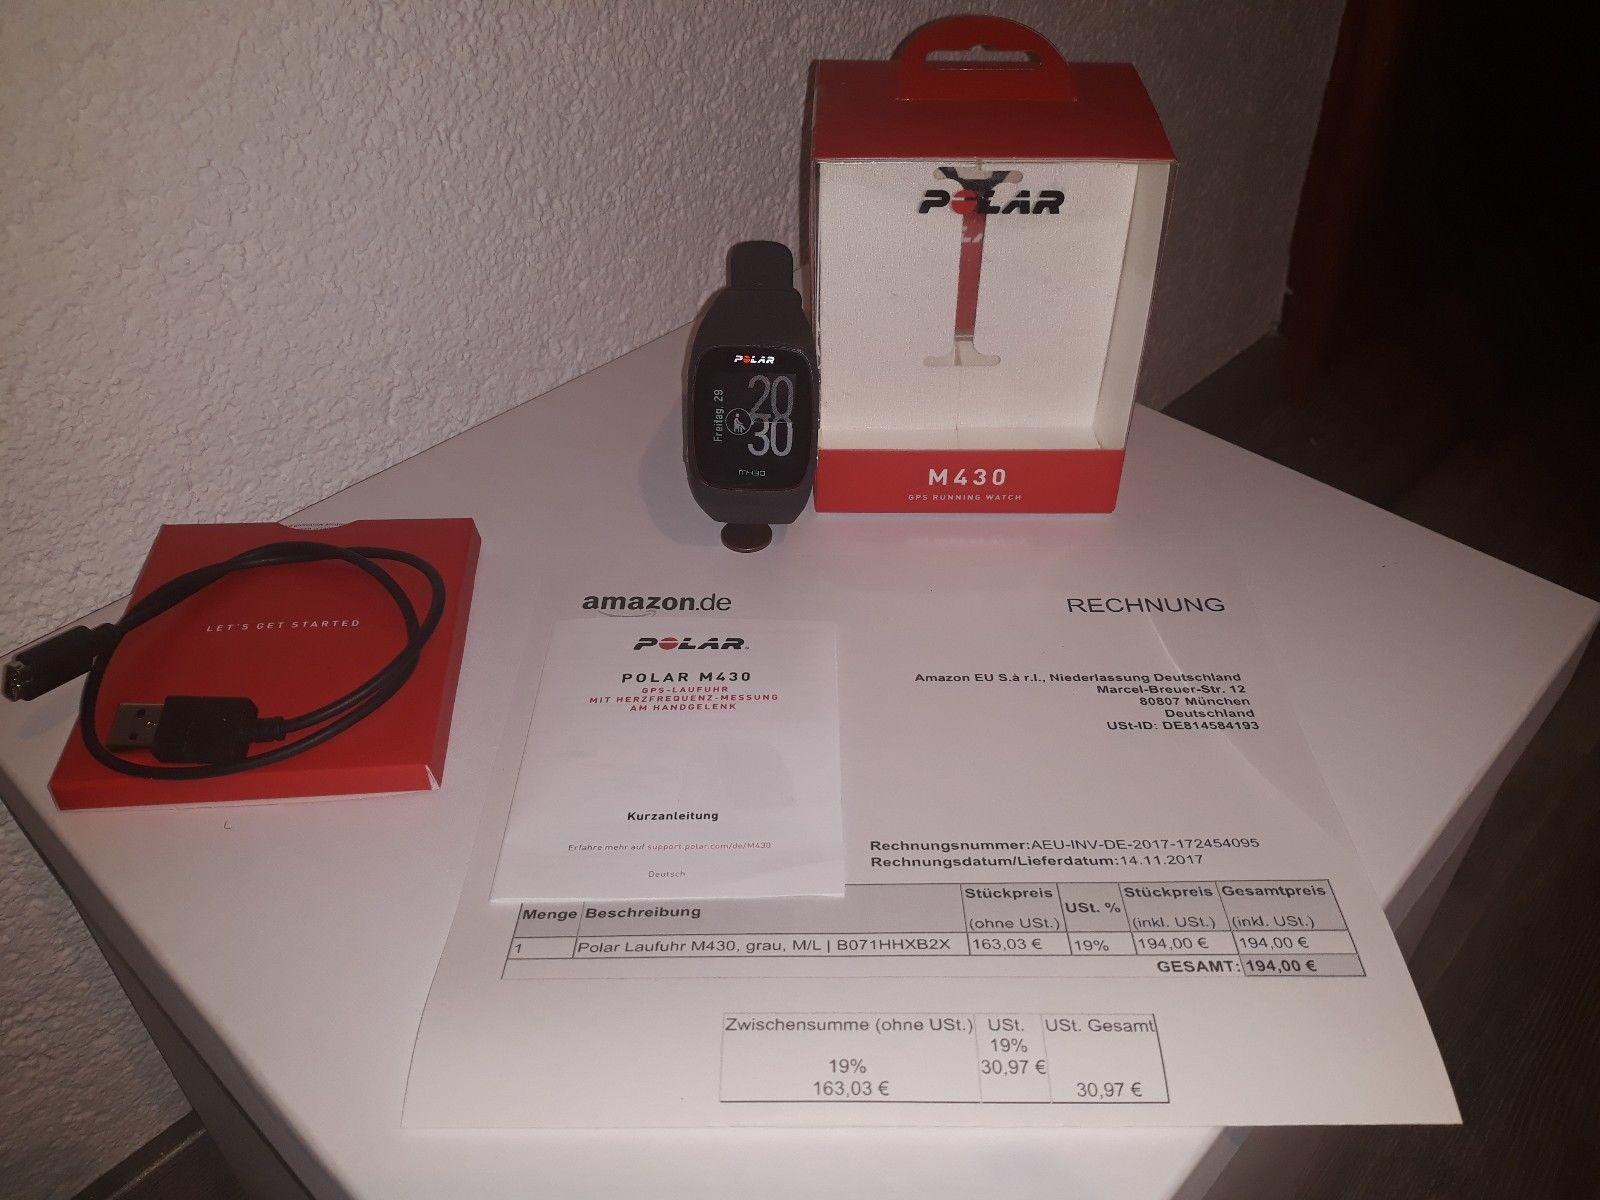 Polar M430 GPS-Sportuhr Laufuhr - OVP - inkl. Rechnung und Garantie